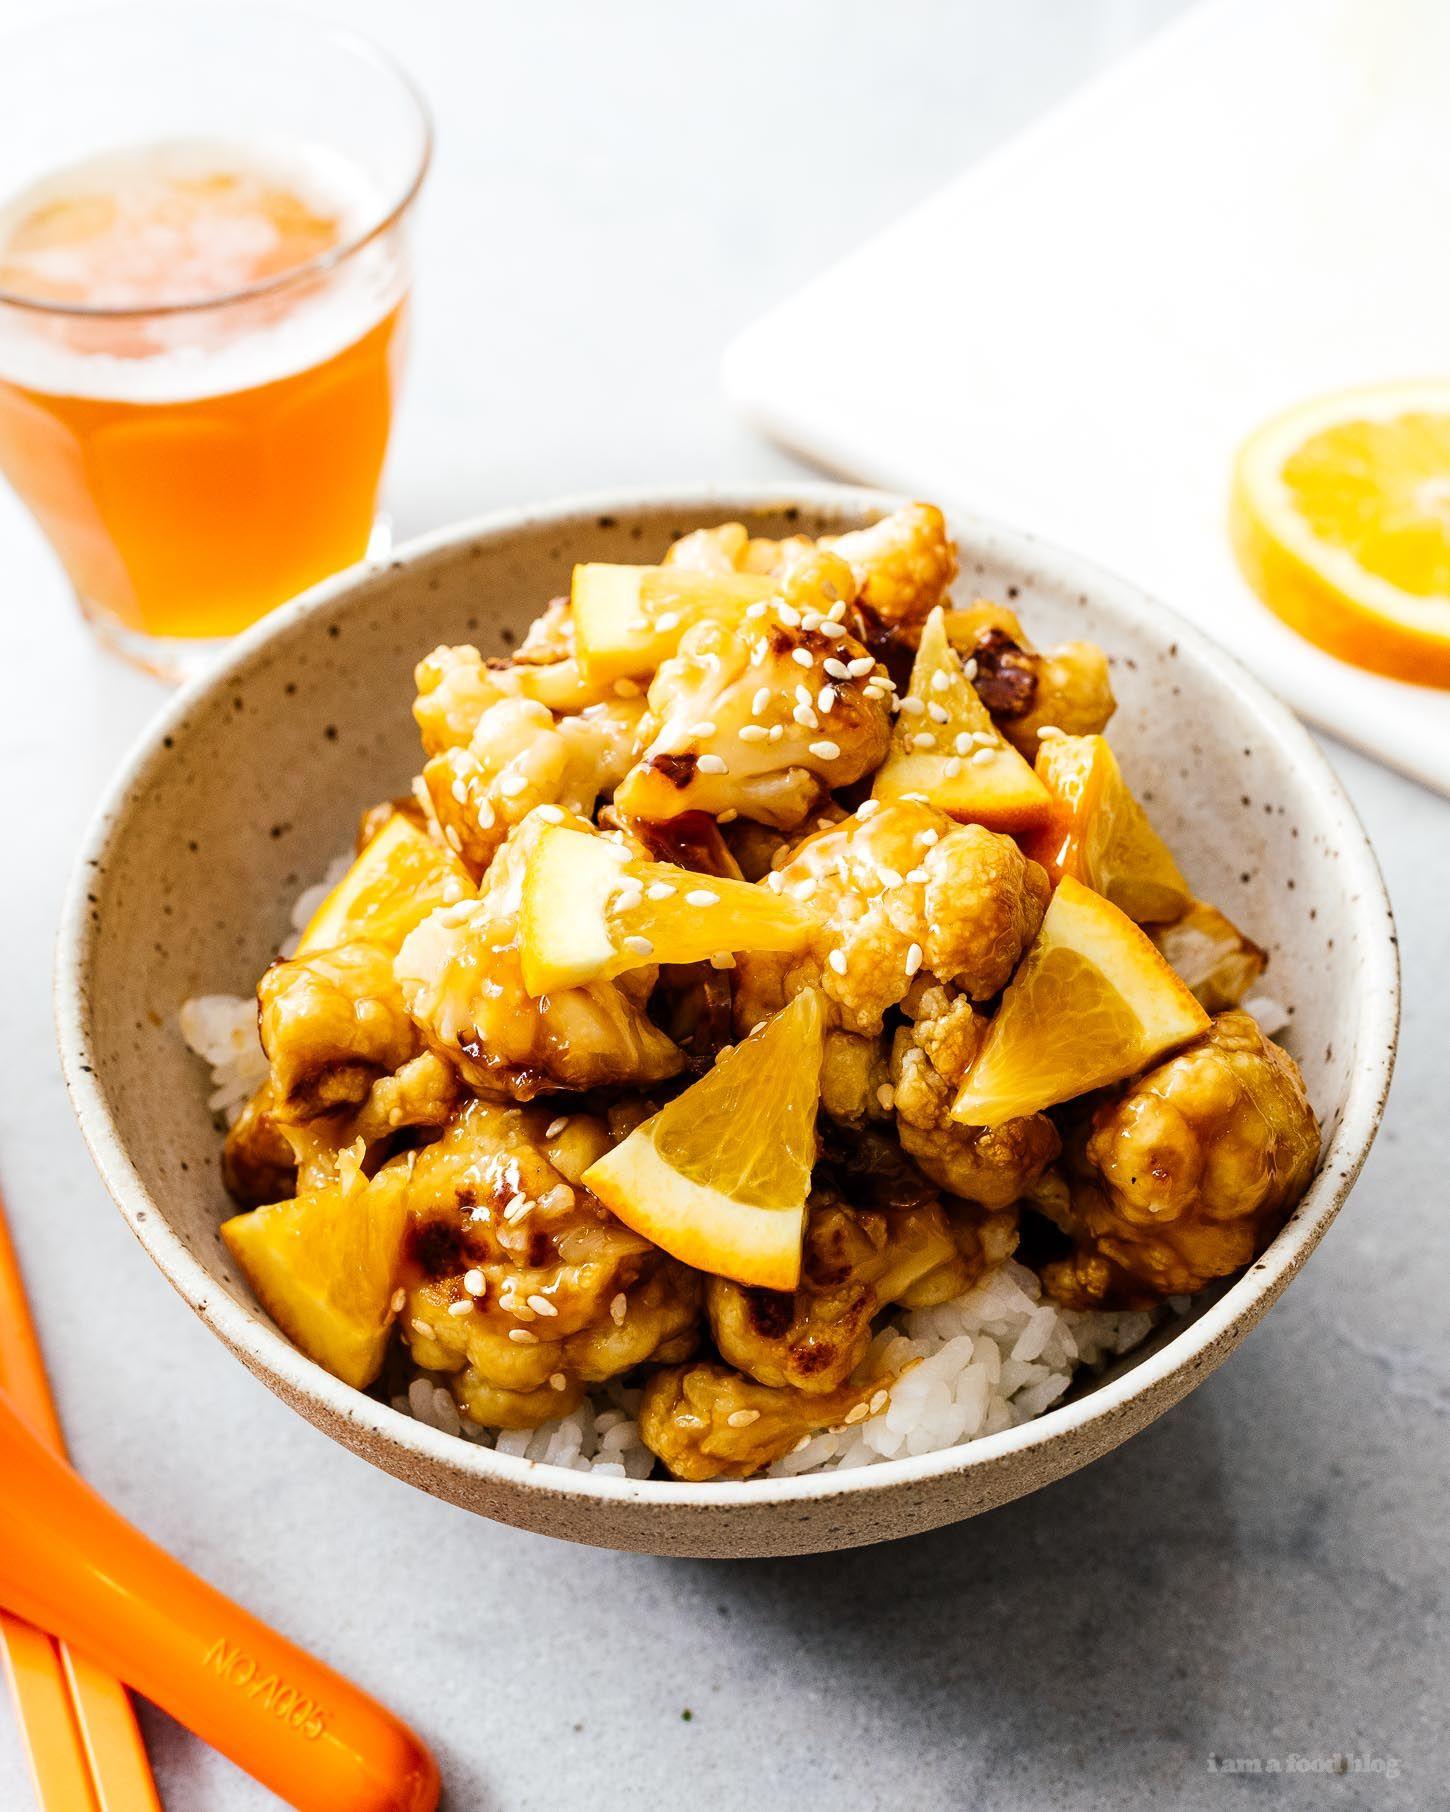 The Dinner & Chill Oven Baked Orange Cauliflower images